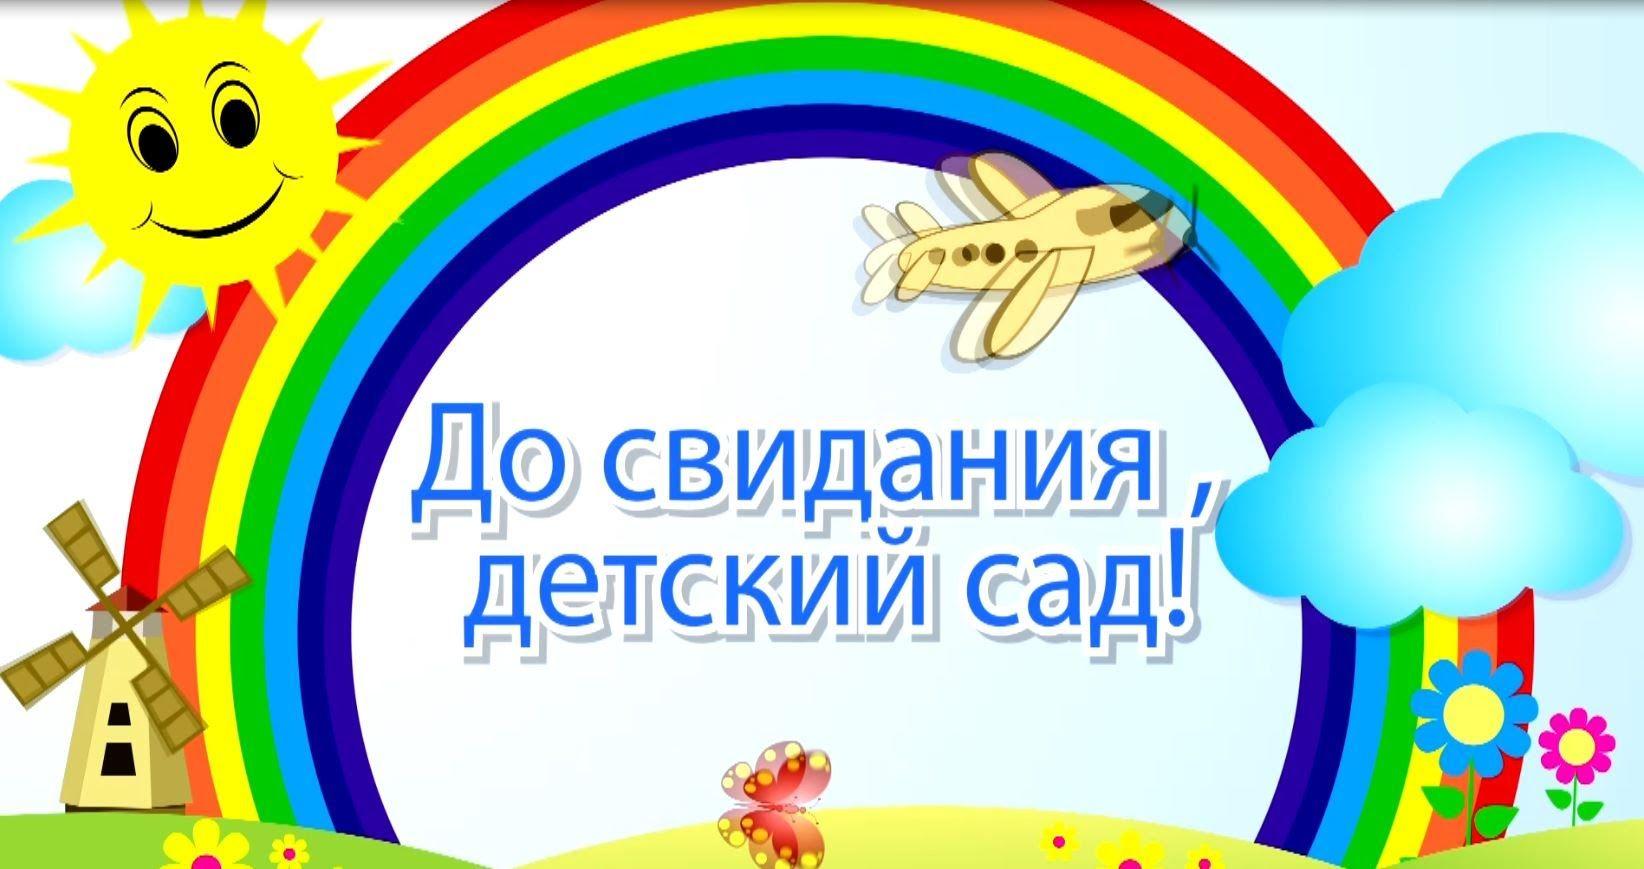 Детский сад скачать бесплатно mp3